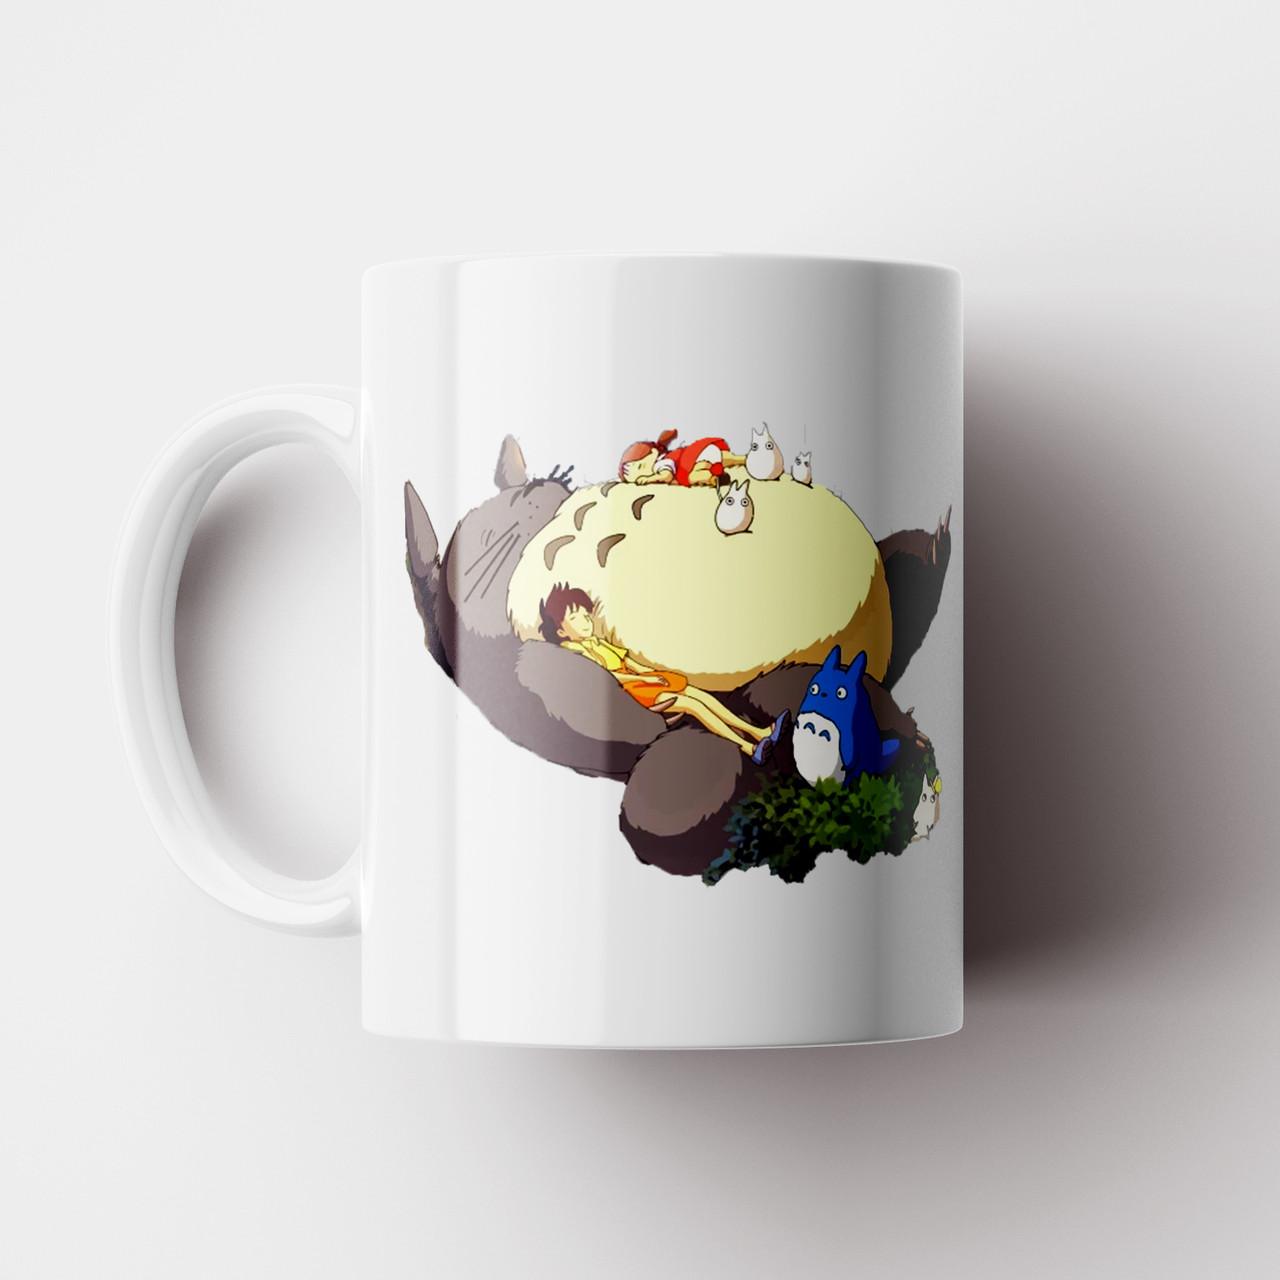 Чашка Тоторо. Аніме Мій сусід Тоторо. Totoro №13